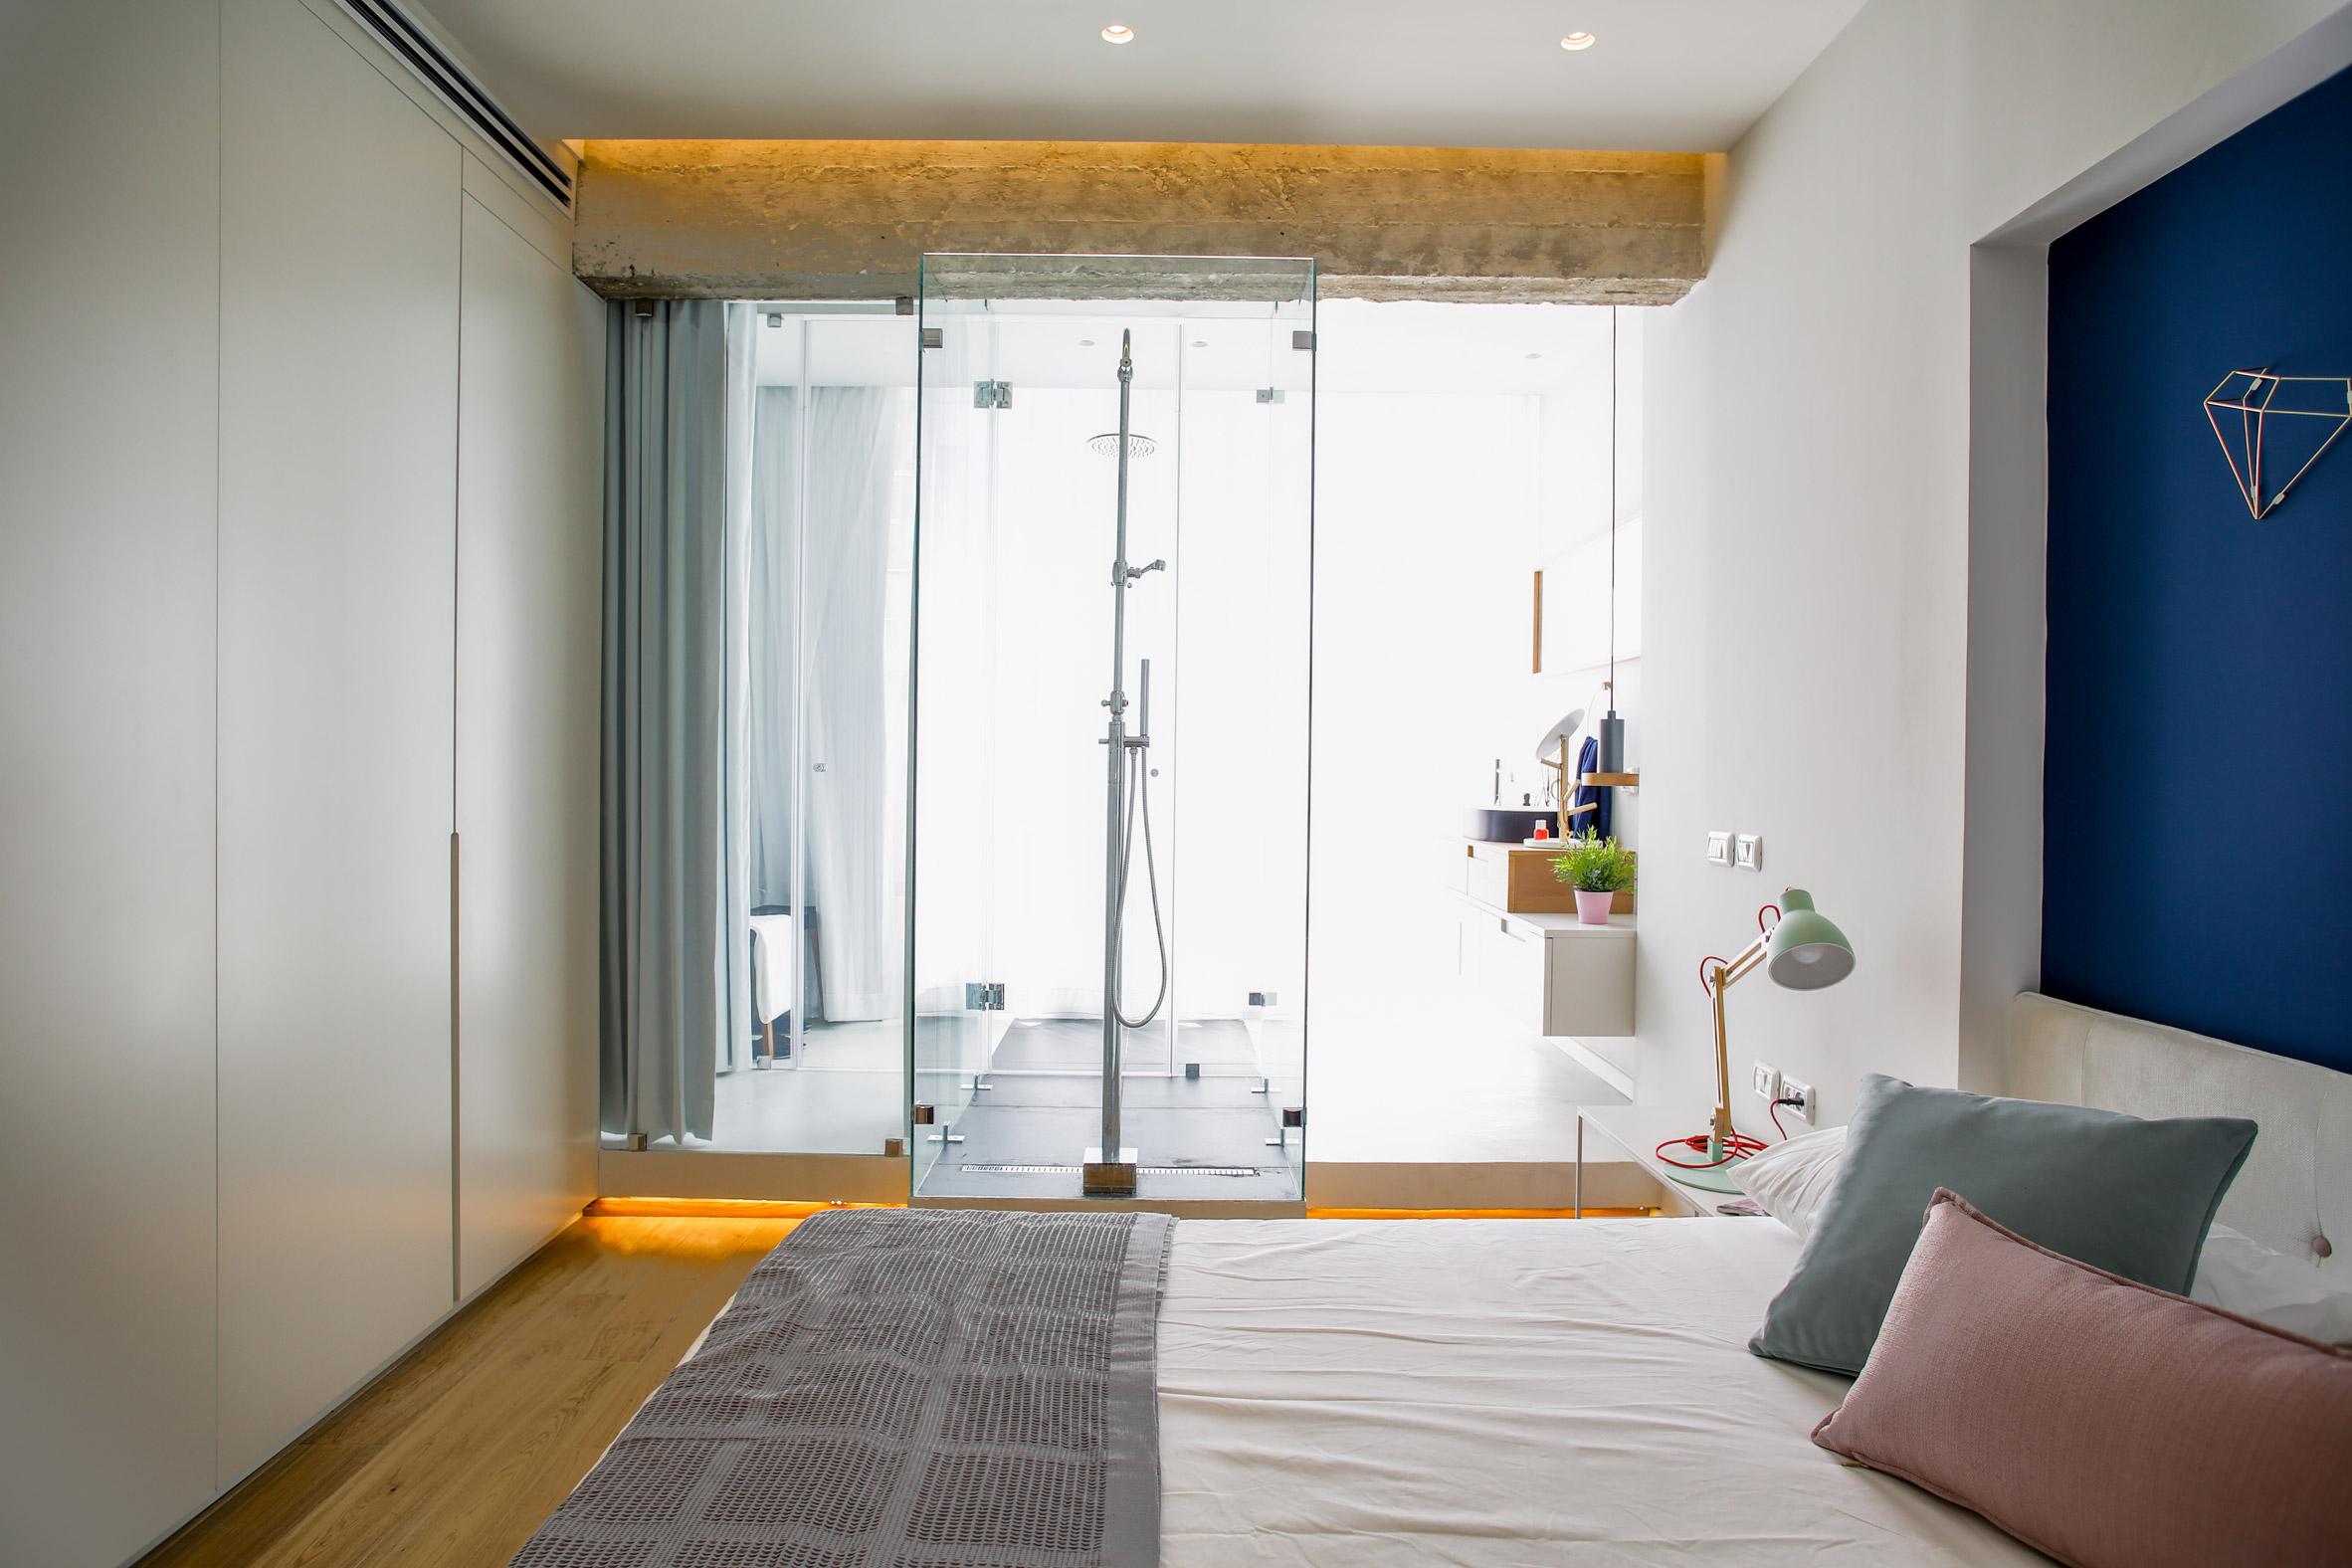 architecture-apartment-tel-aviv-design-studia-interiors-osnovadesign-osnova-poltava_23